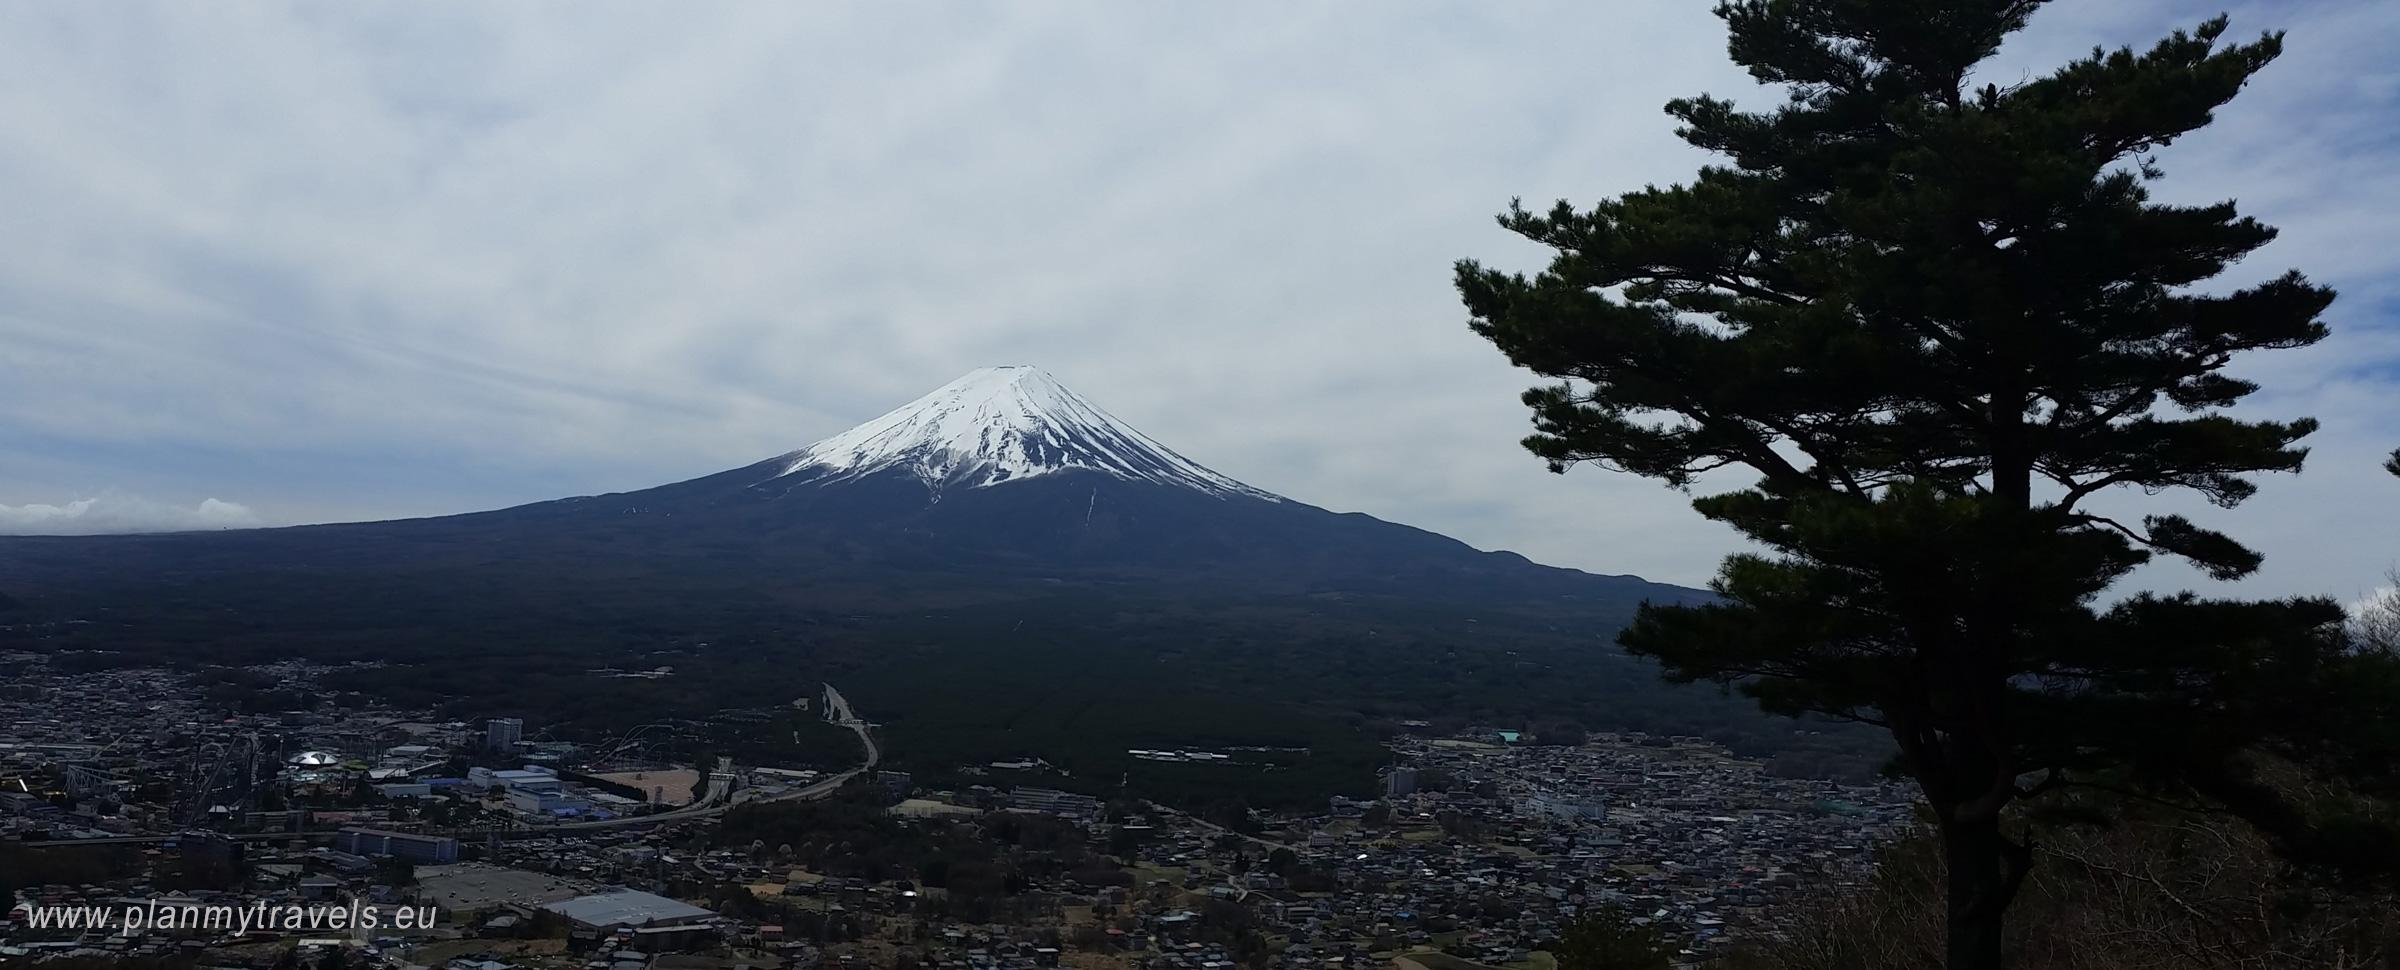 Japonia, Góra Fudżi, Mt. Fuji